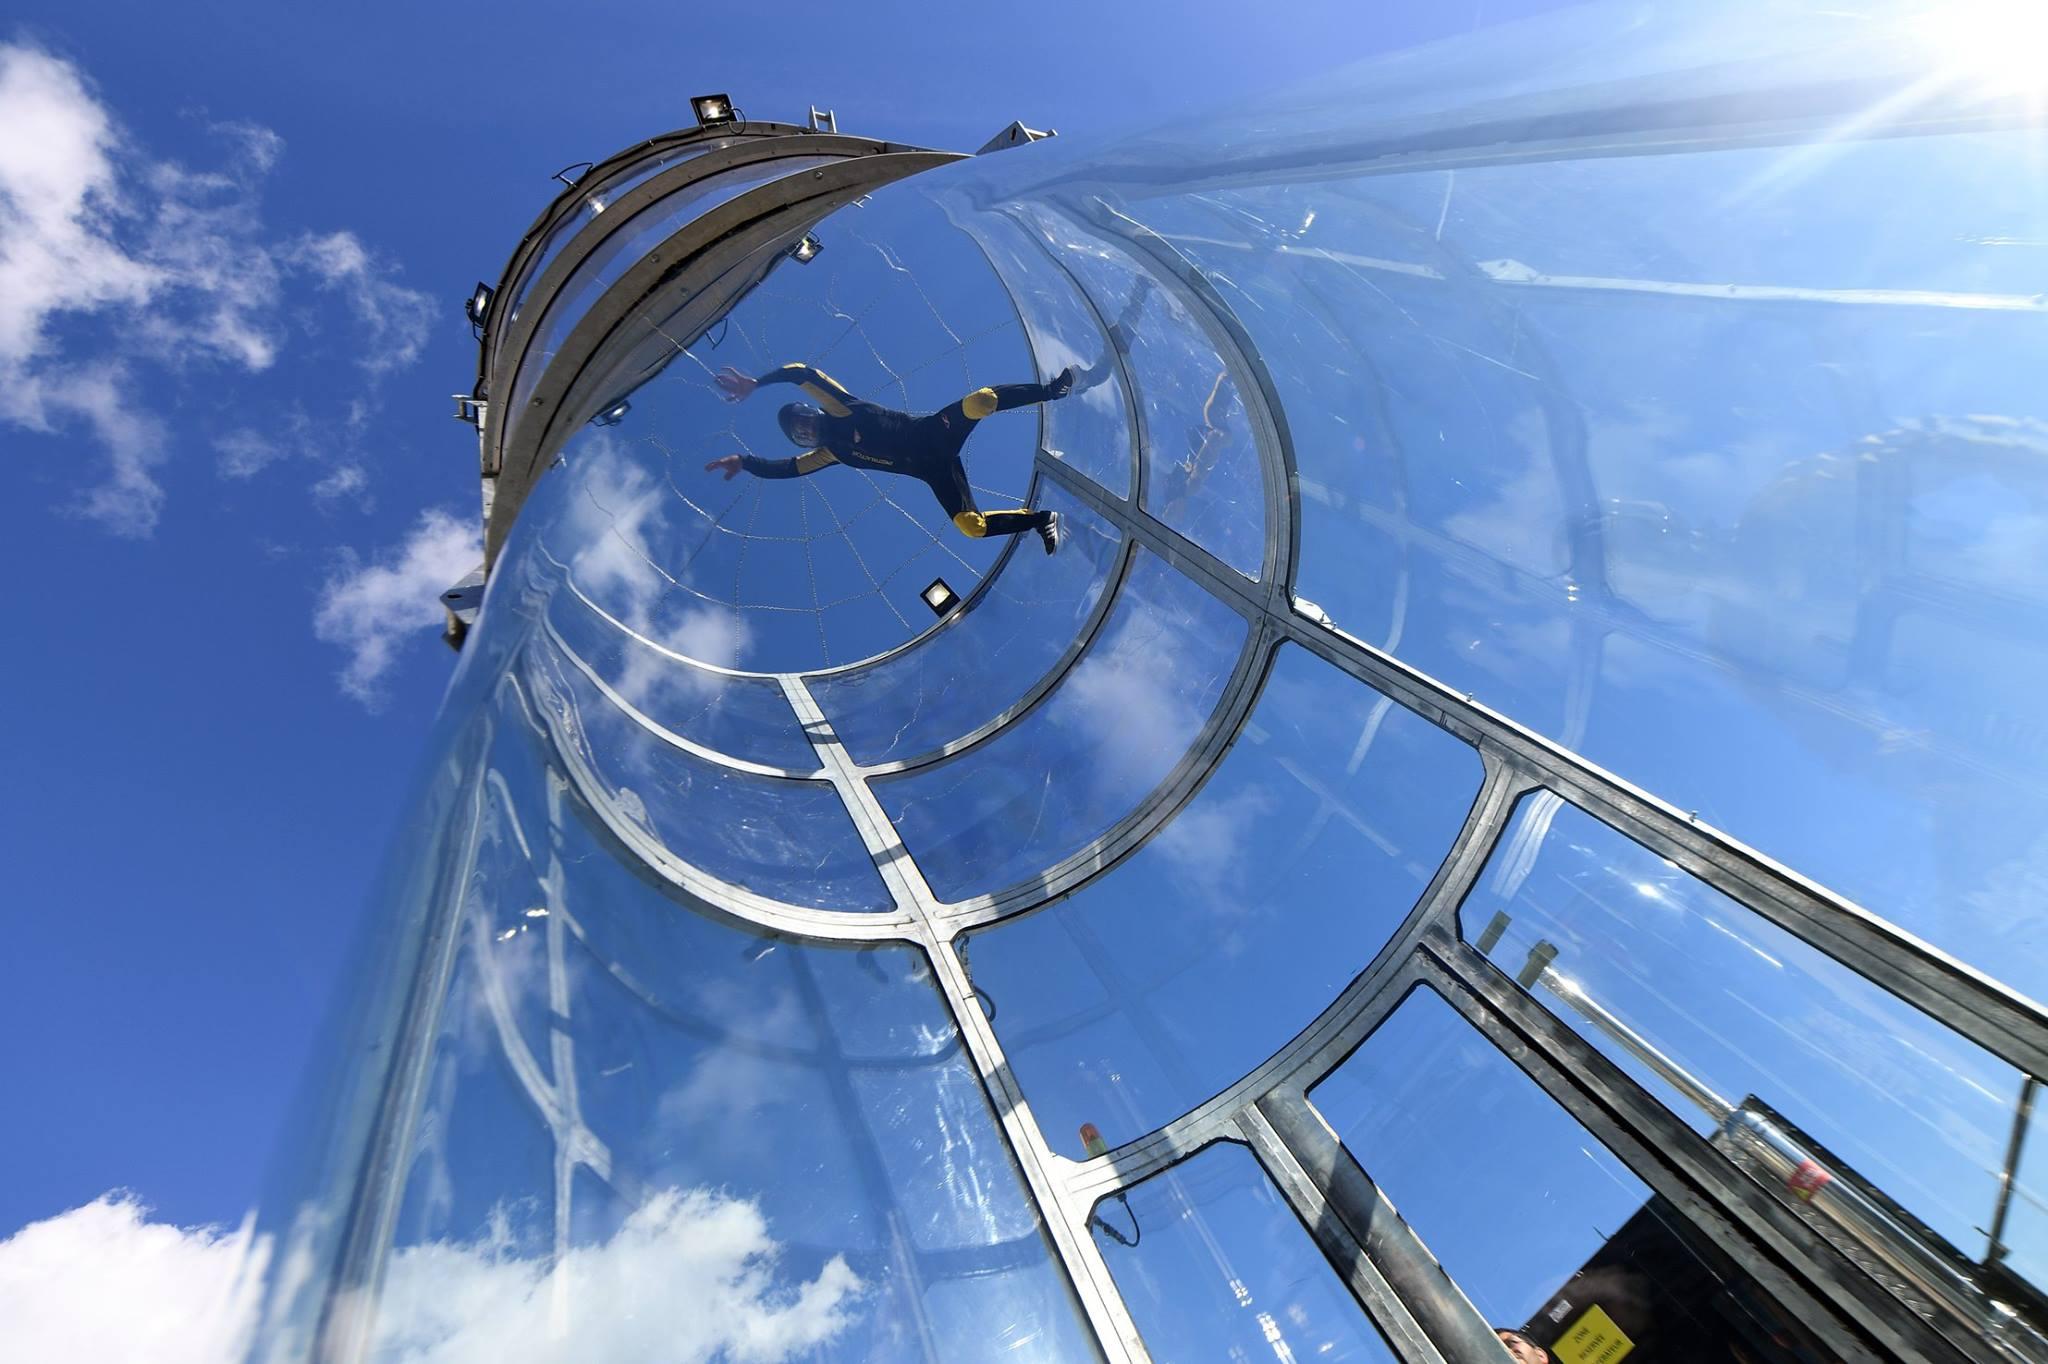 Simulateur de chute libre à Beausoleil